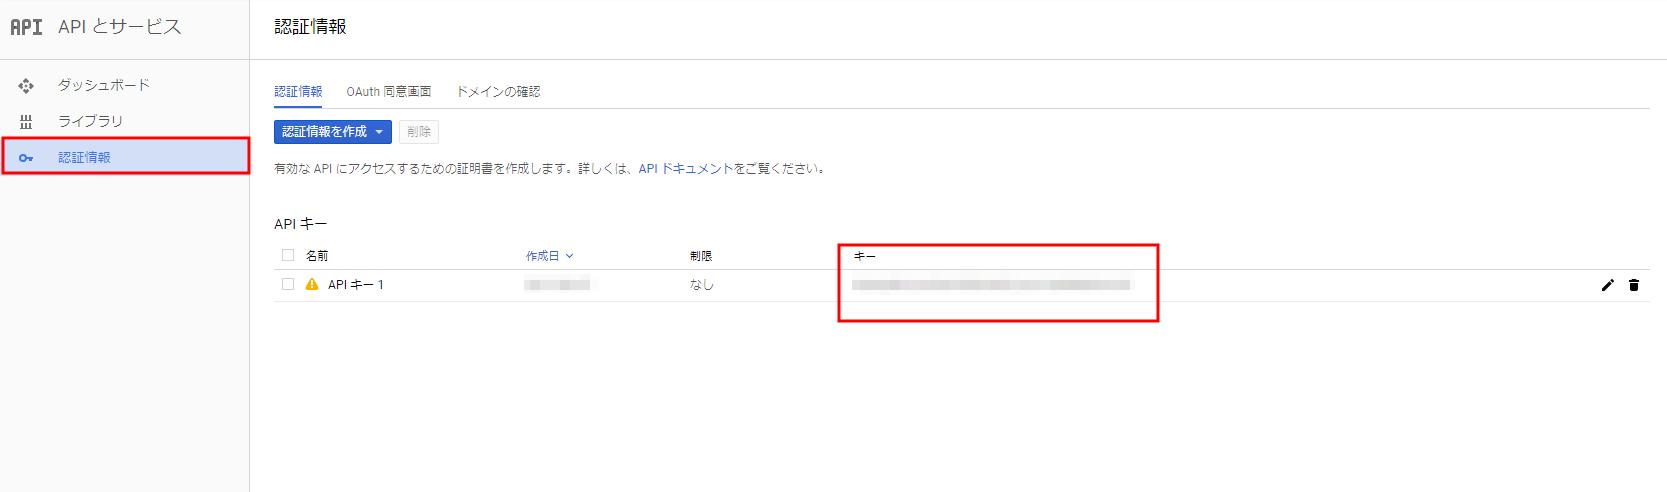 google_api12.png